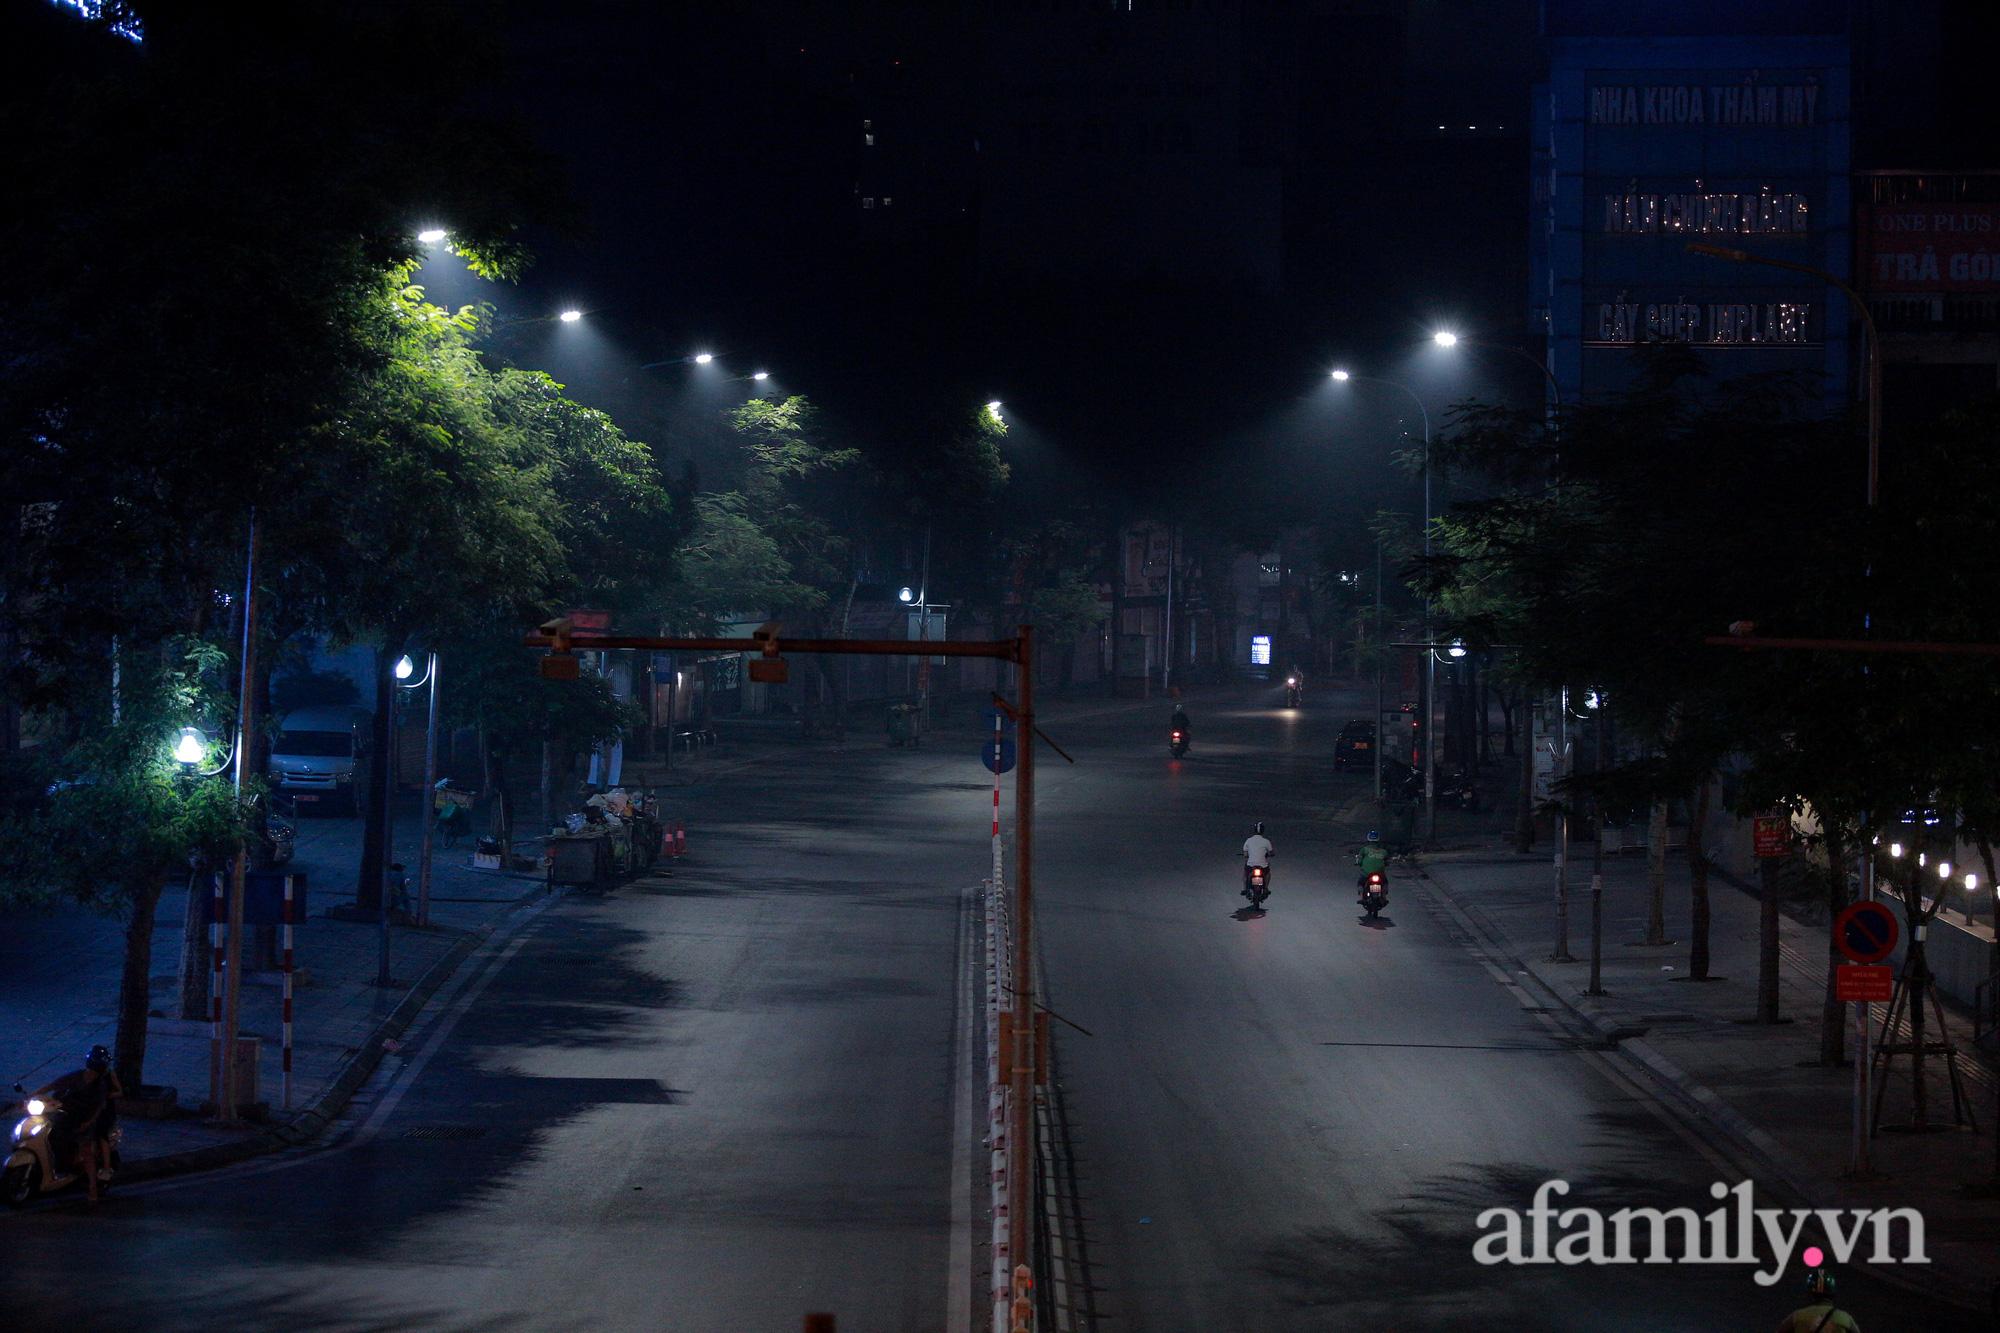 Bầu trời Hà Nội mù mịt giữa đêm khuya  - Ảnh 14.